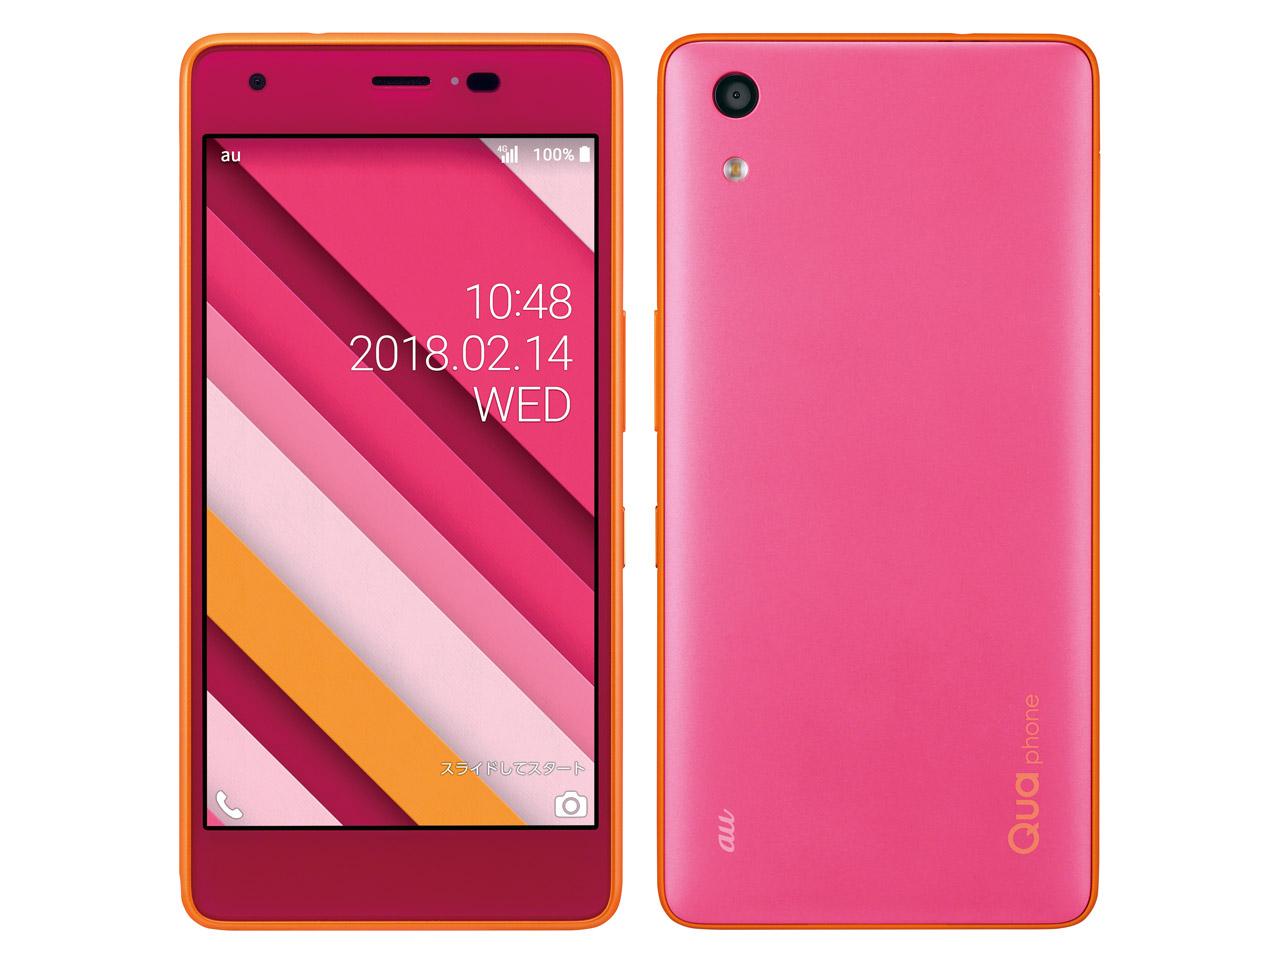 【新品・白ロム・本体】SIMロック解除済 au Qua phone QZ KYV44 ピンク 携帯電話 kyv44  kyv44 ピンク KYV44 Cassis Pink